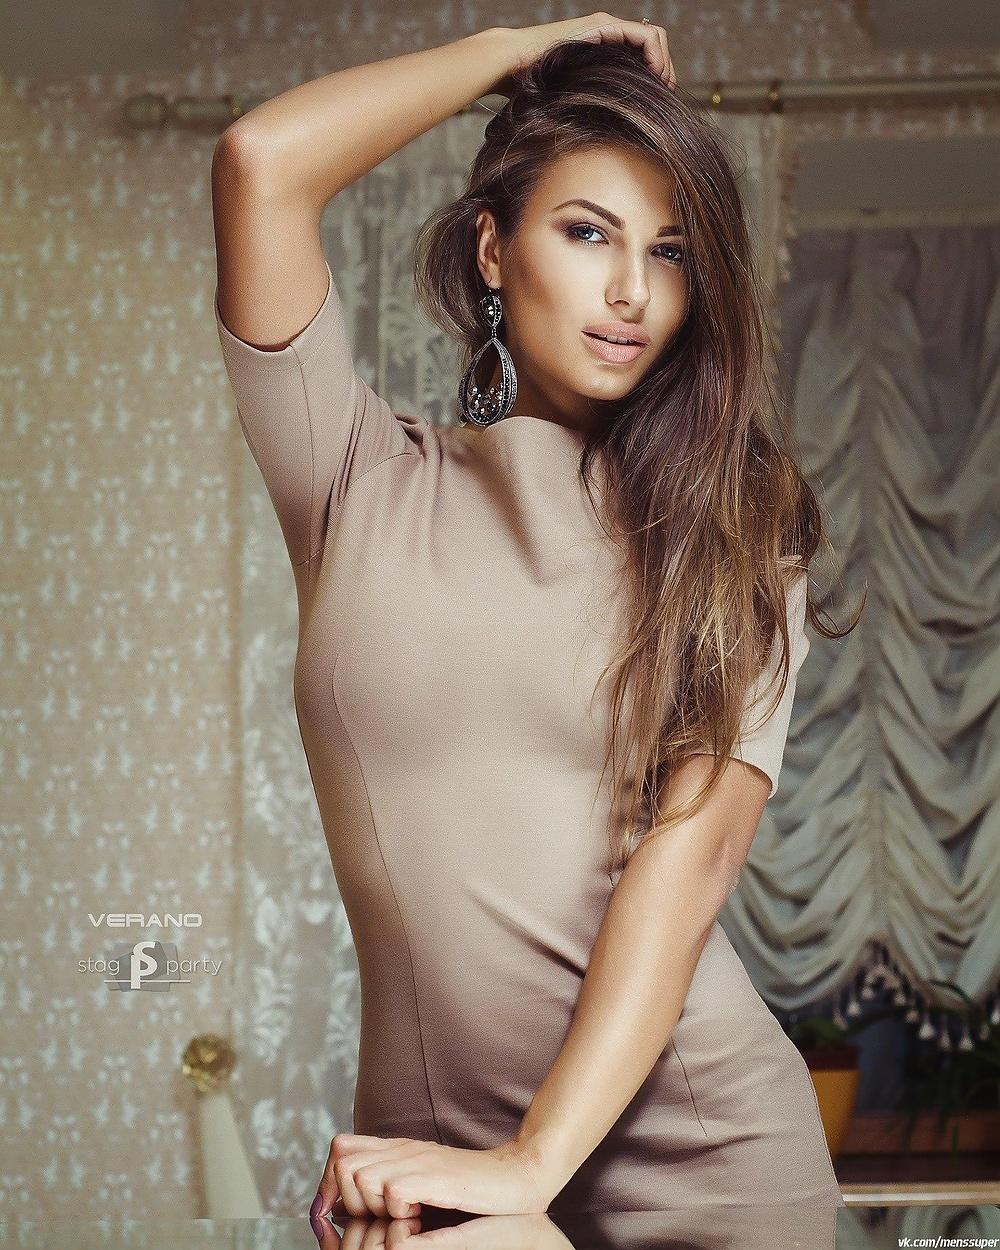 Дарья шейк – модель, певица